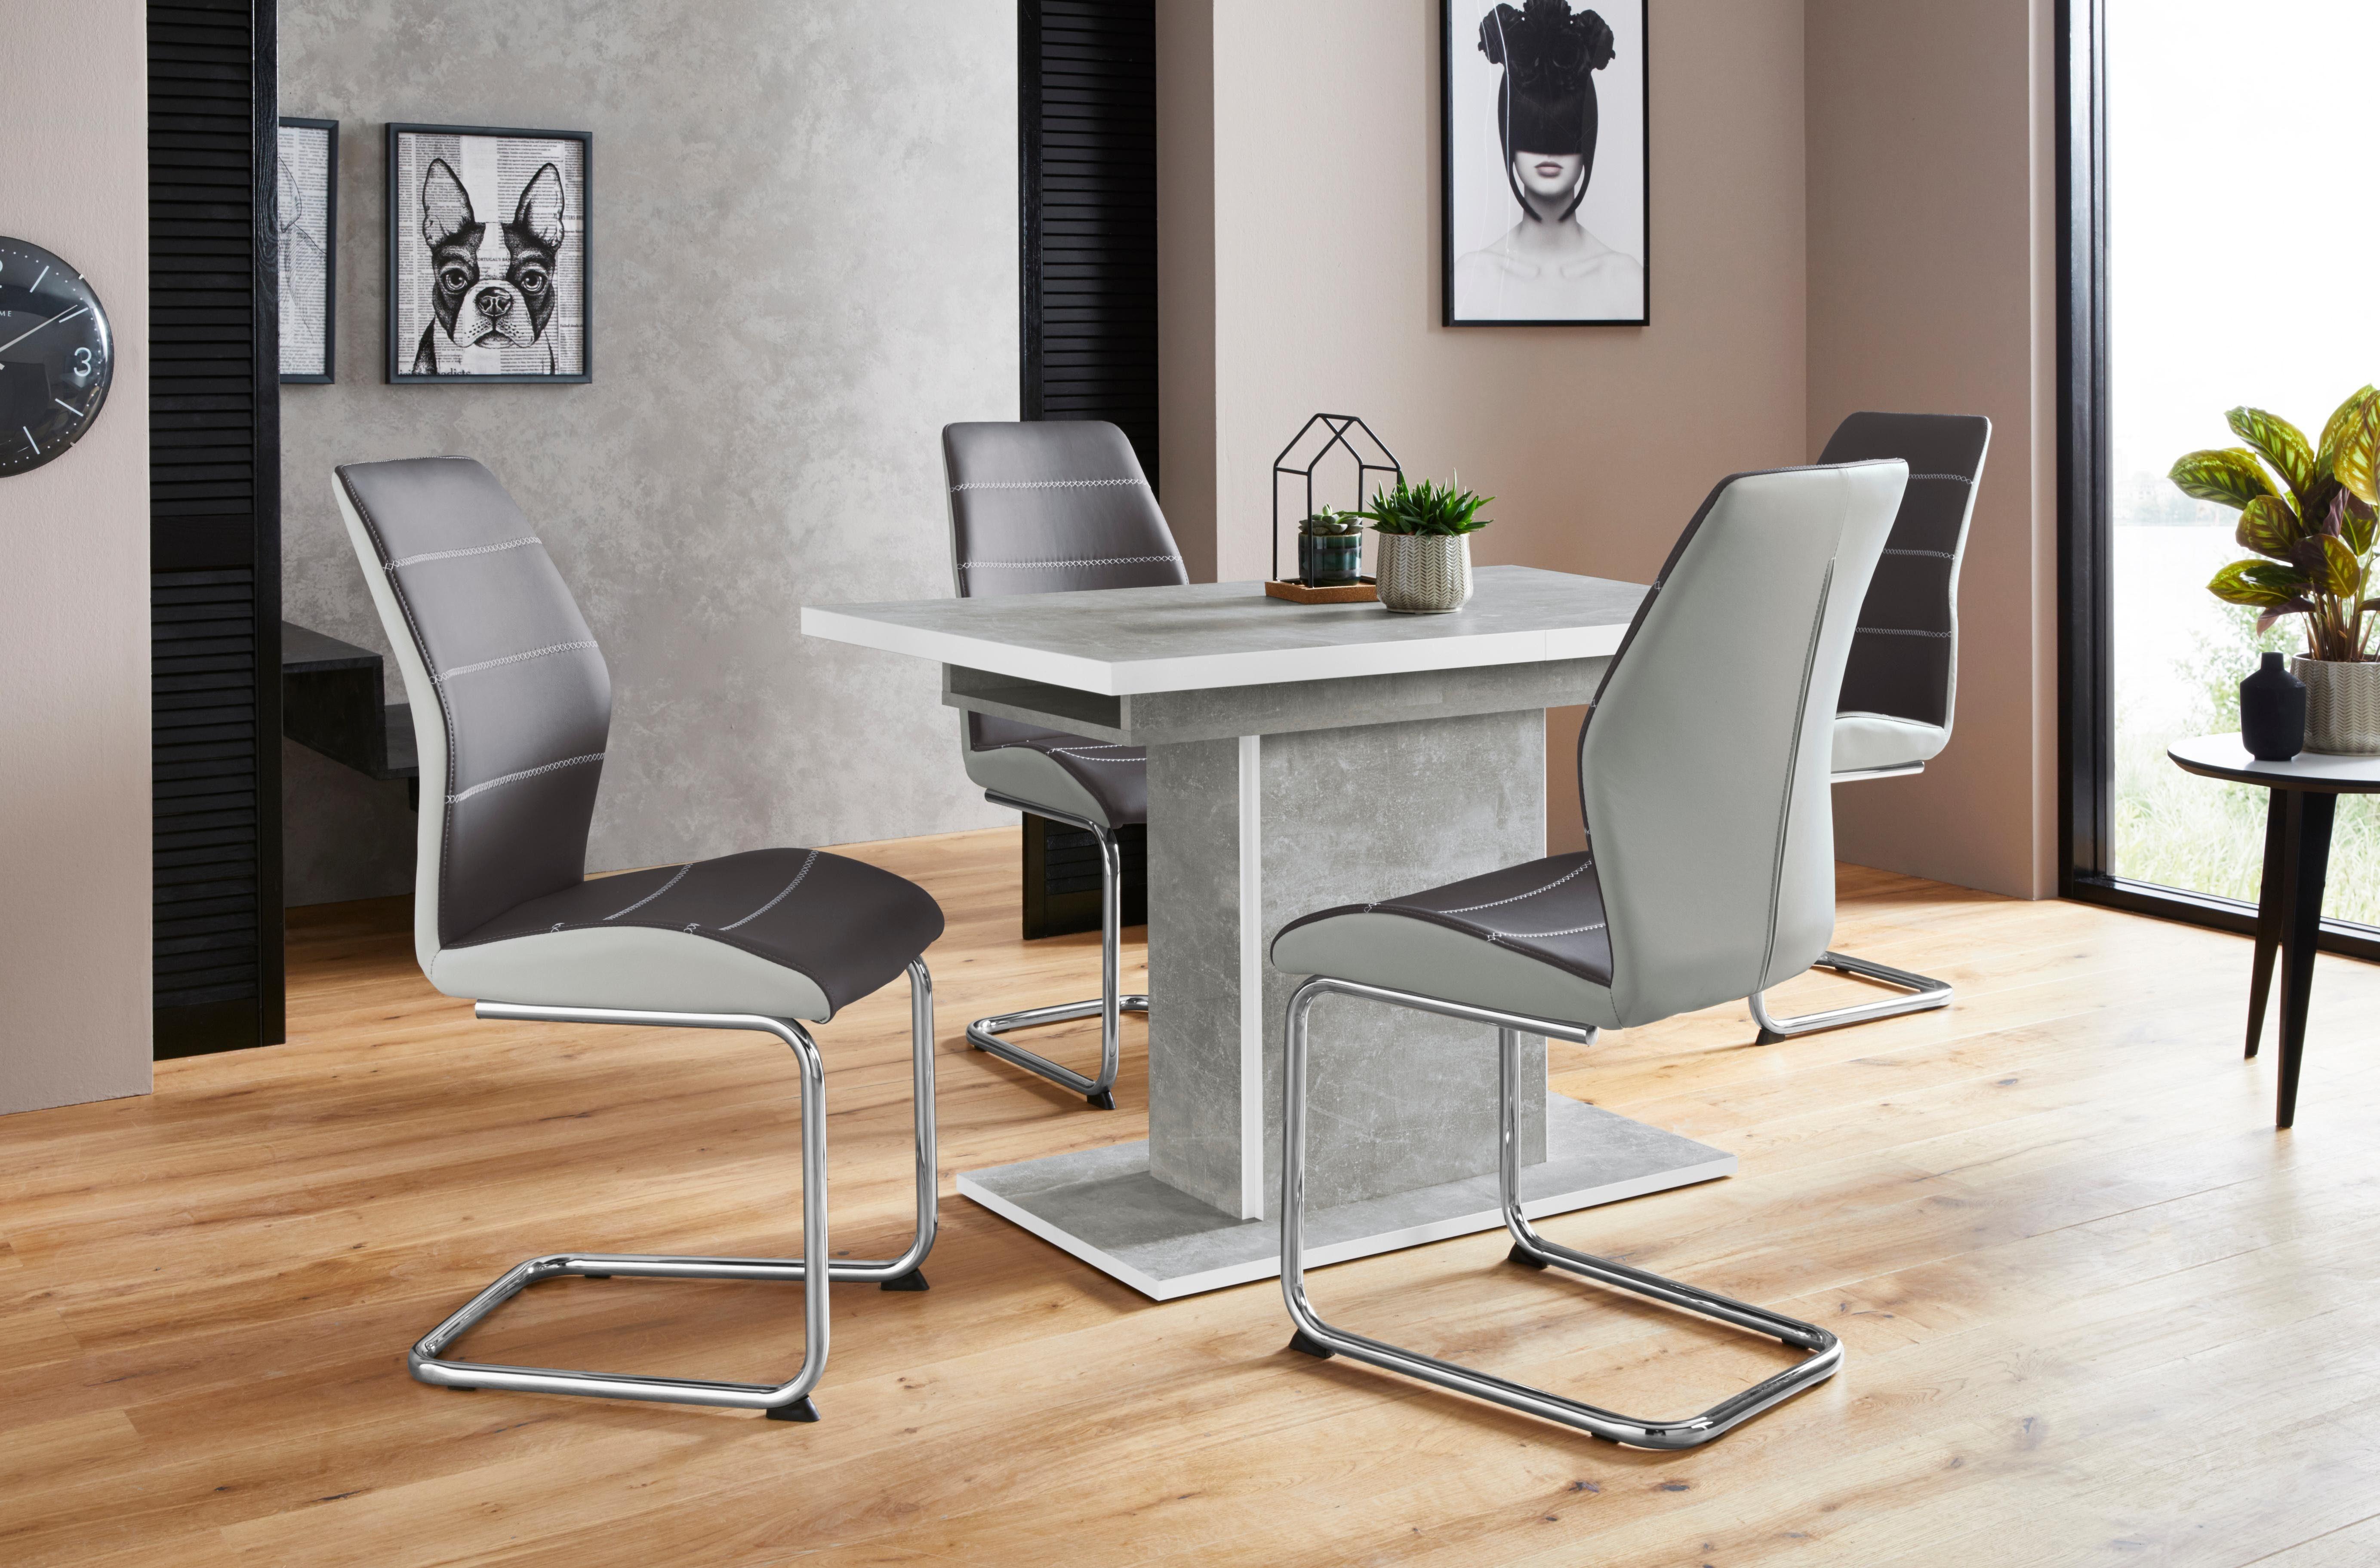 Essgruppenset »Alice G« (5tlg.), bestehend aus 4 Ornella Stühlen ohne Armlehne und dem Alice Esstisch